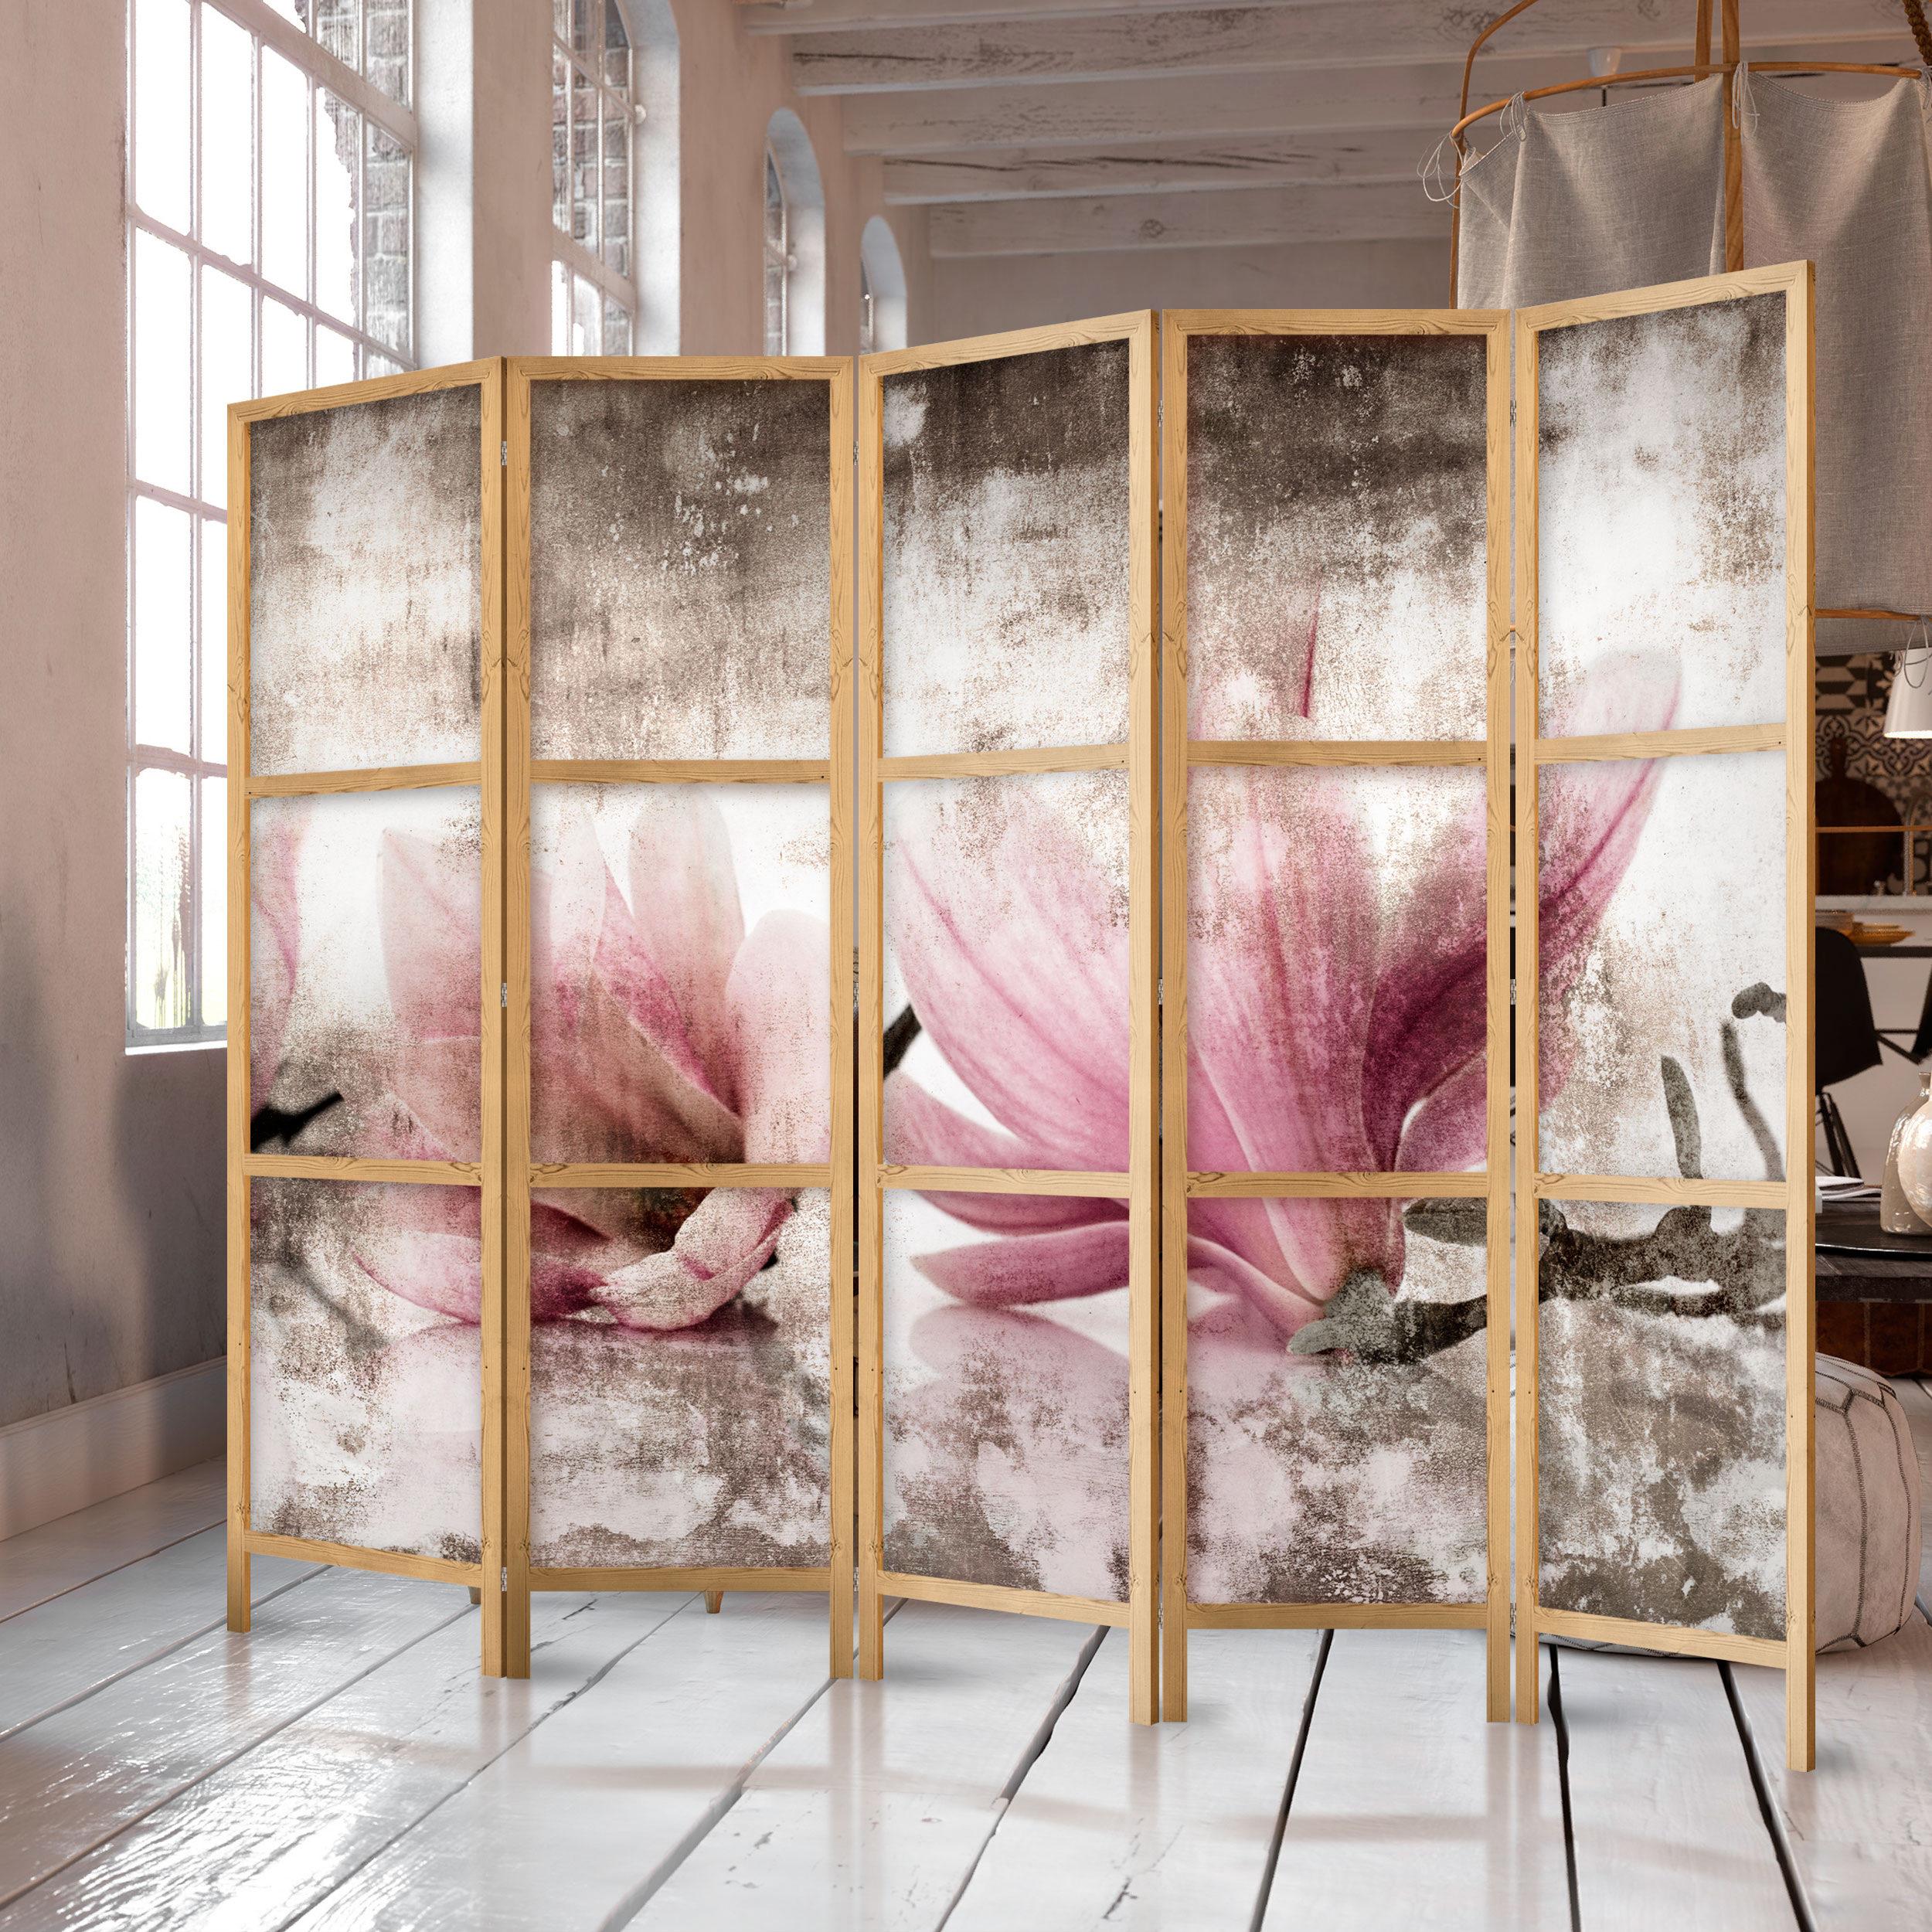 Full Size of Blumen Trennwand Raumteiler Paravent Spanische Wand Garten Pflanze Pergola Stuhl Für Schlafzimmer Regal Ordner Ausziehtisch Jacuzzi Und Landschaftsbau Hamburg Wohnzimmer Trennwand Für Garten